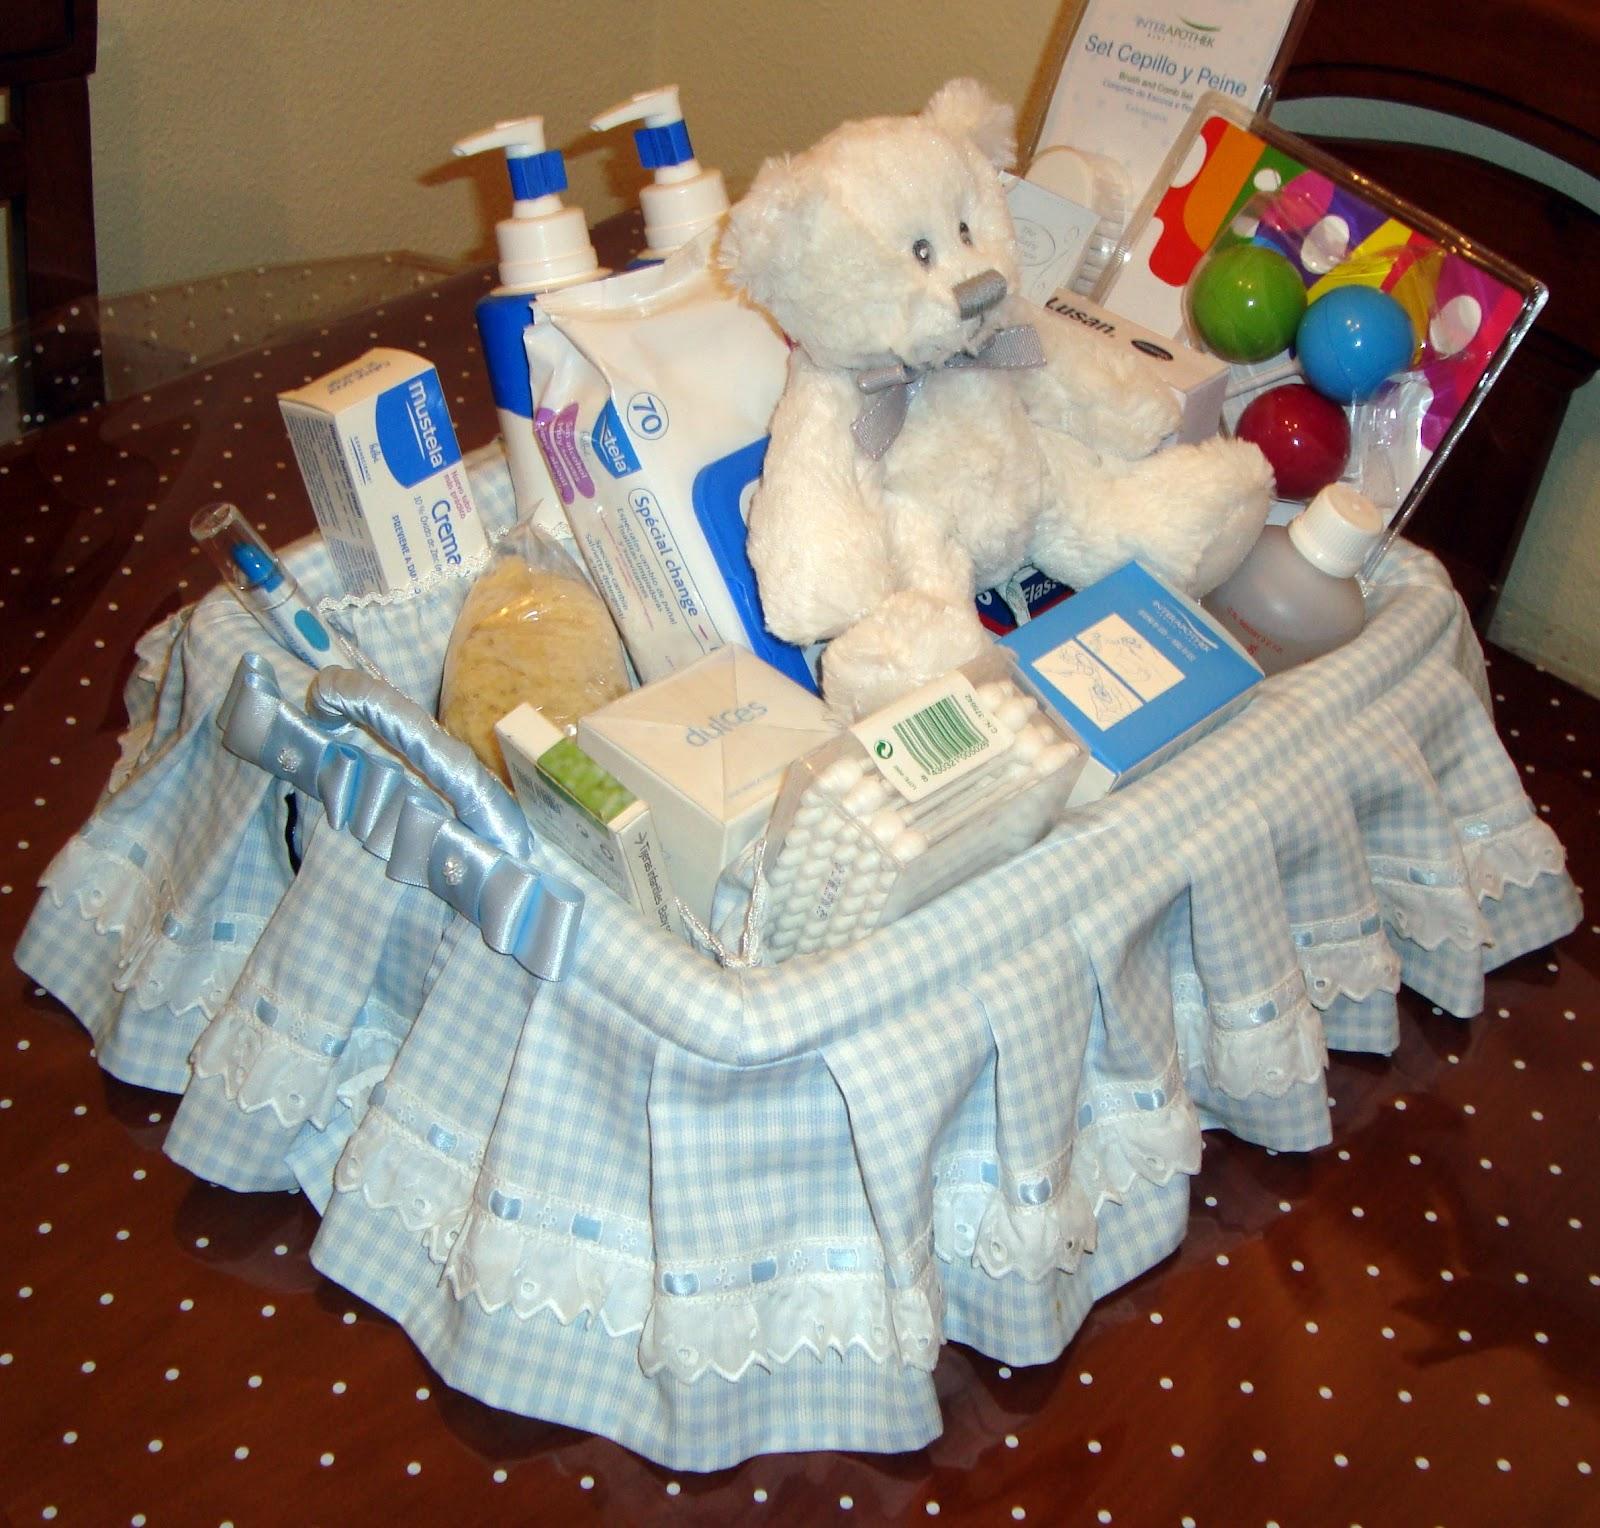 Canastillas y primores marzo 2012 - Canastillas para bebes ...